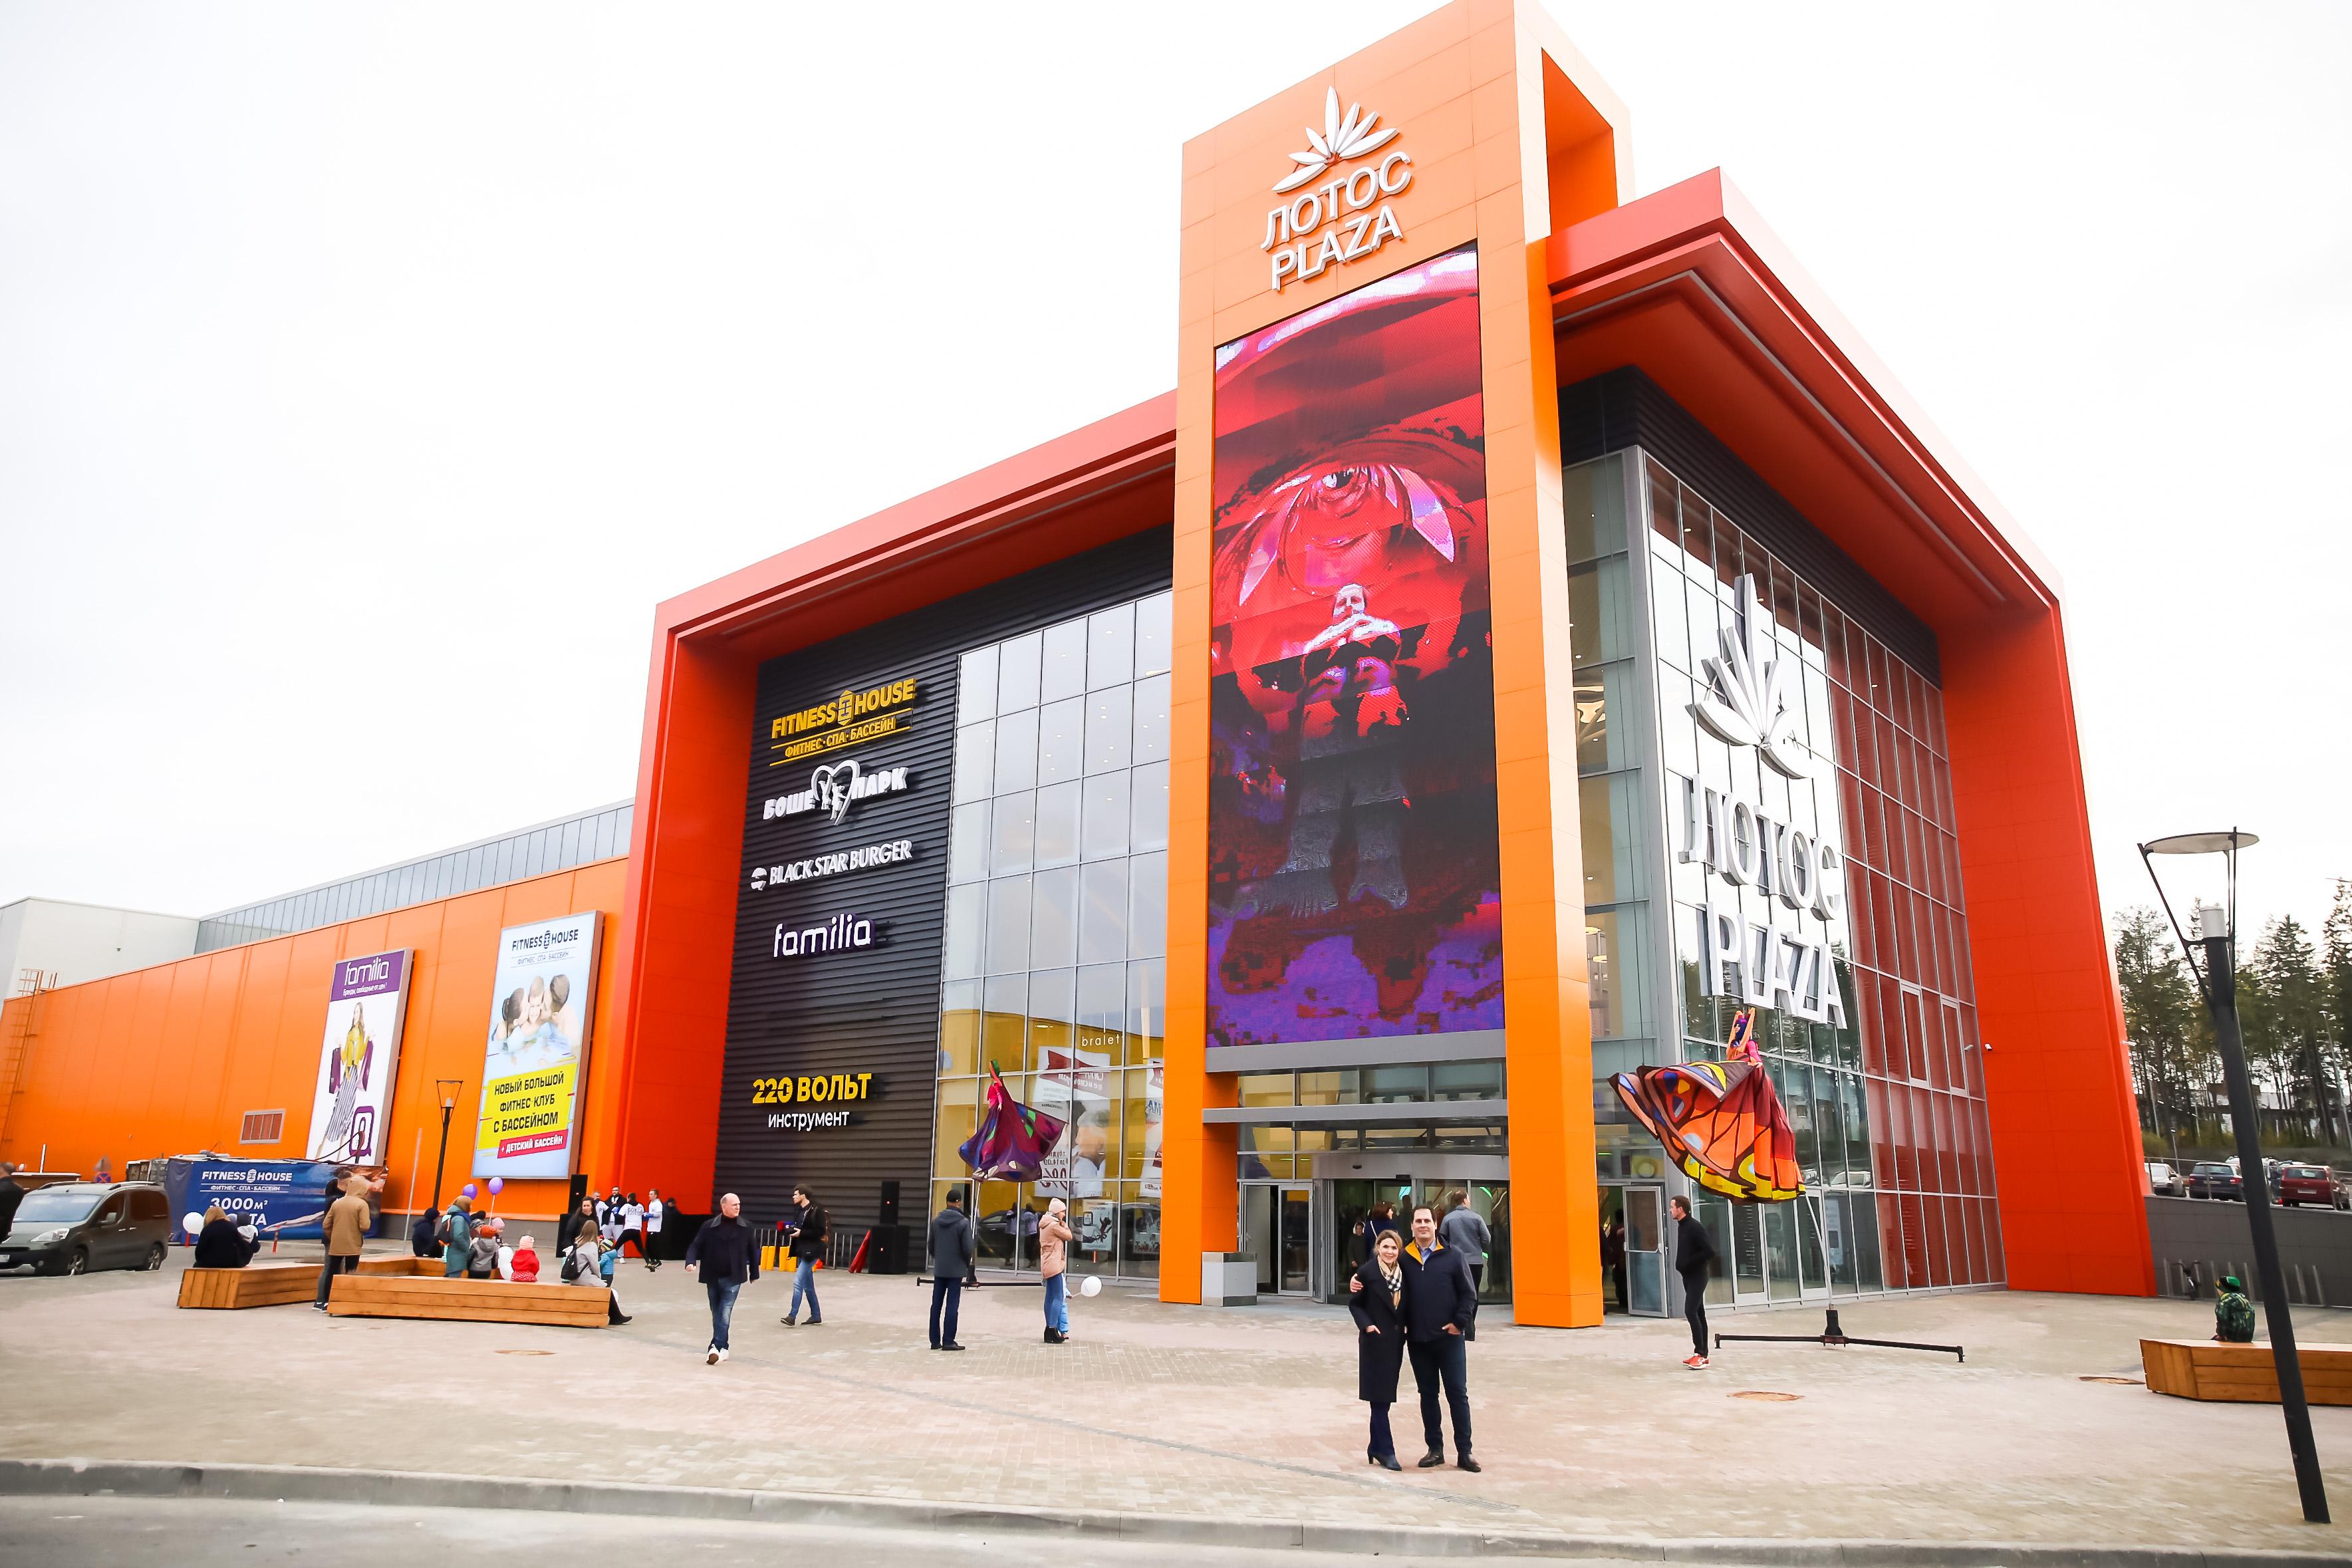 Фасад второй очереди ТРК «Лотос Plaza» в день открытия.